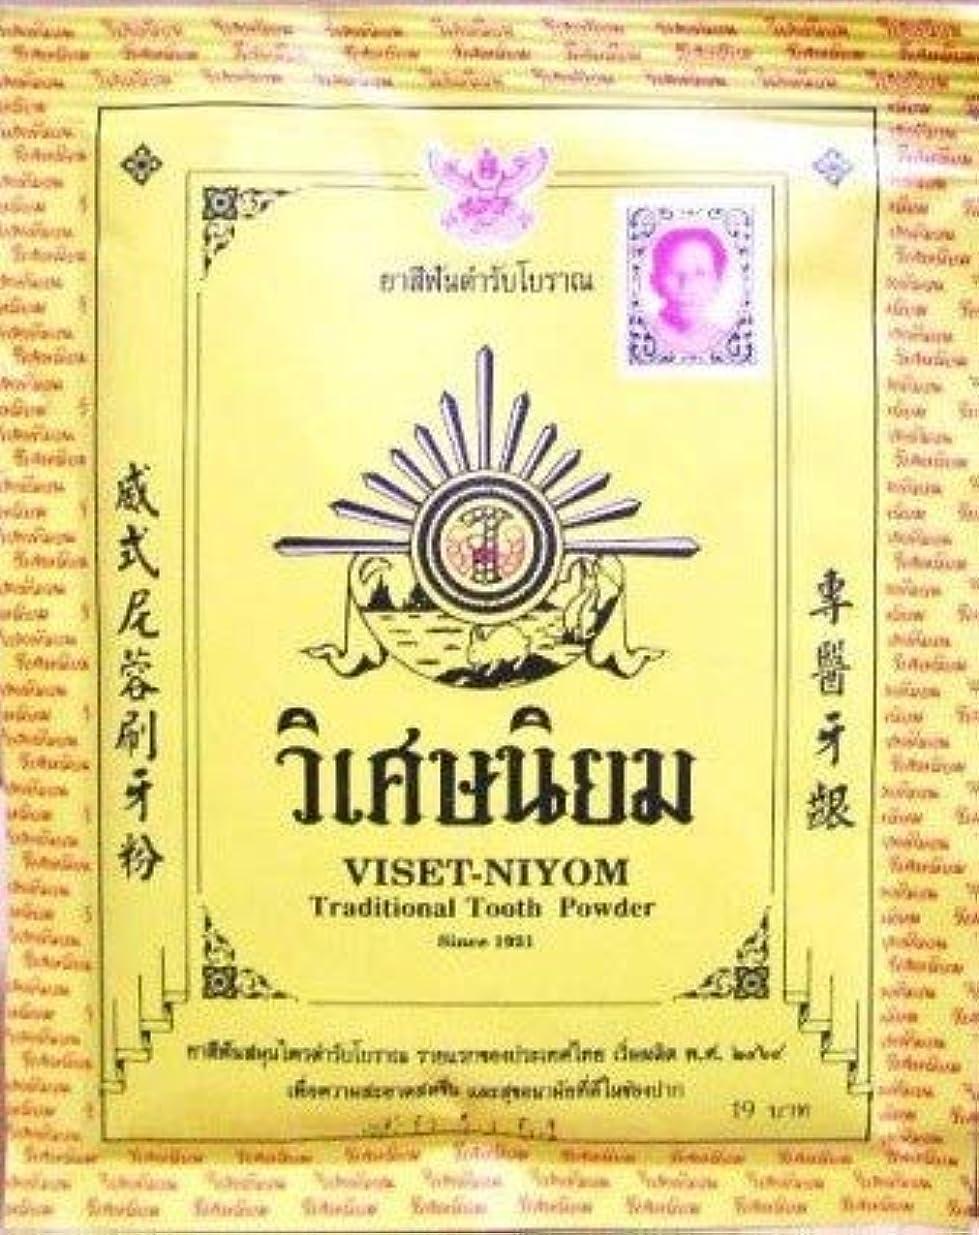 シェルター原始的な海外でNi Yom Thai shop Viset Niyom Thailand Traditional Herbal Toothpaste Powder Reduce Plaque 40g pack of 3